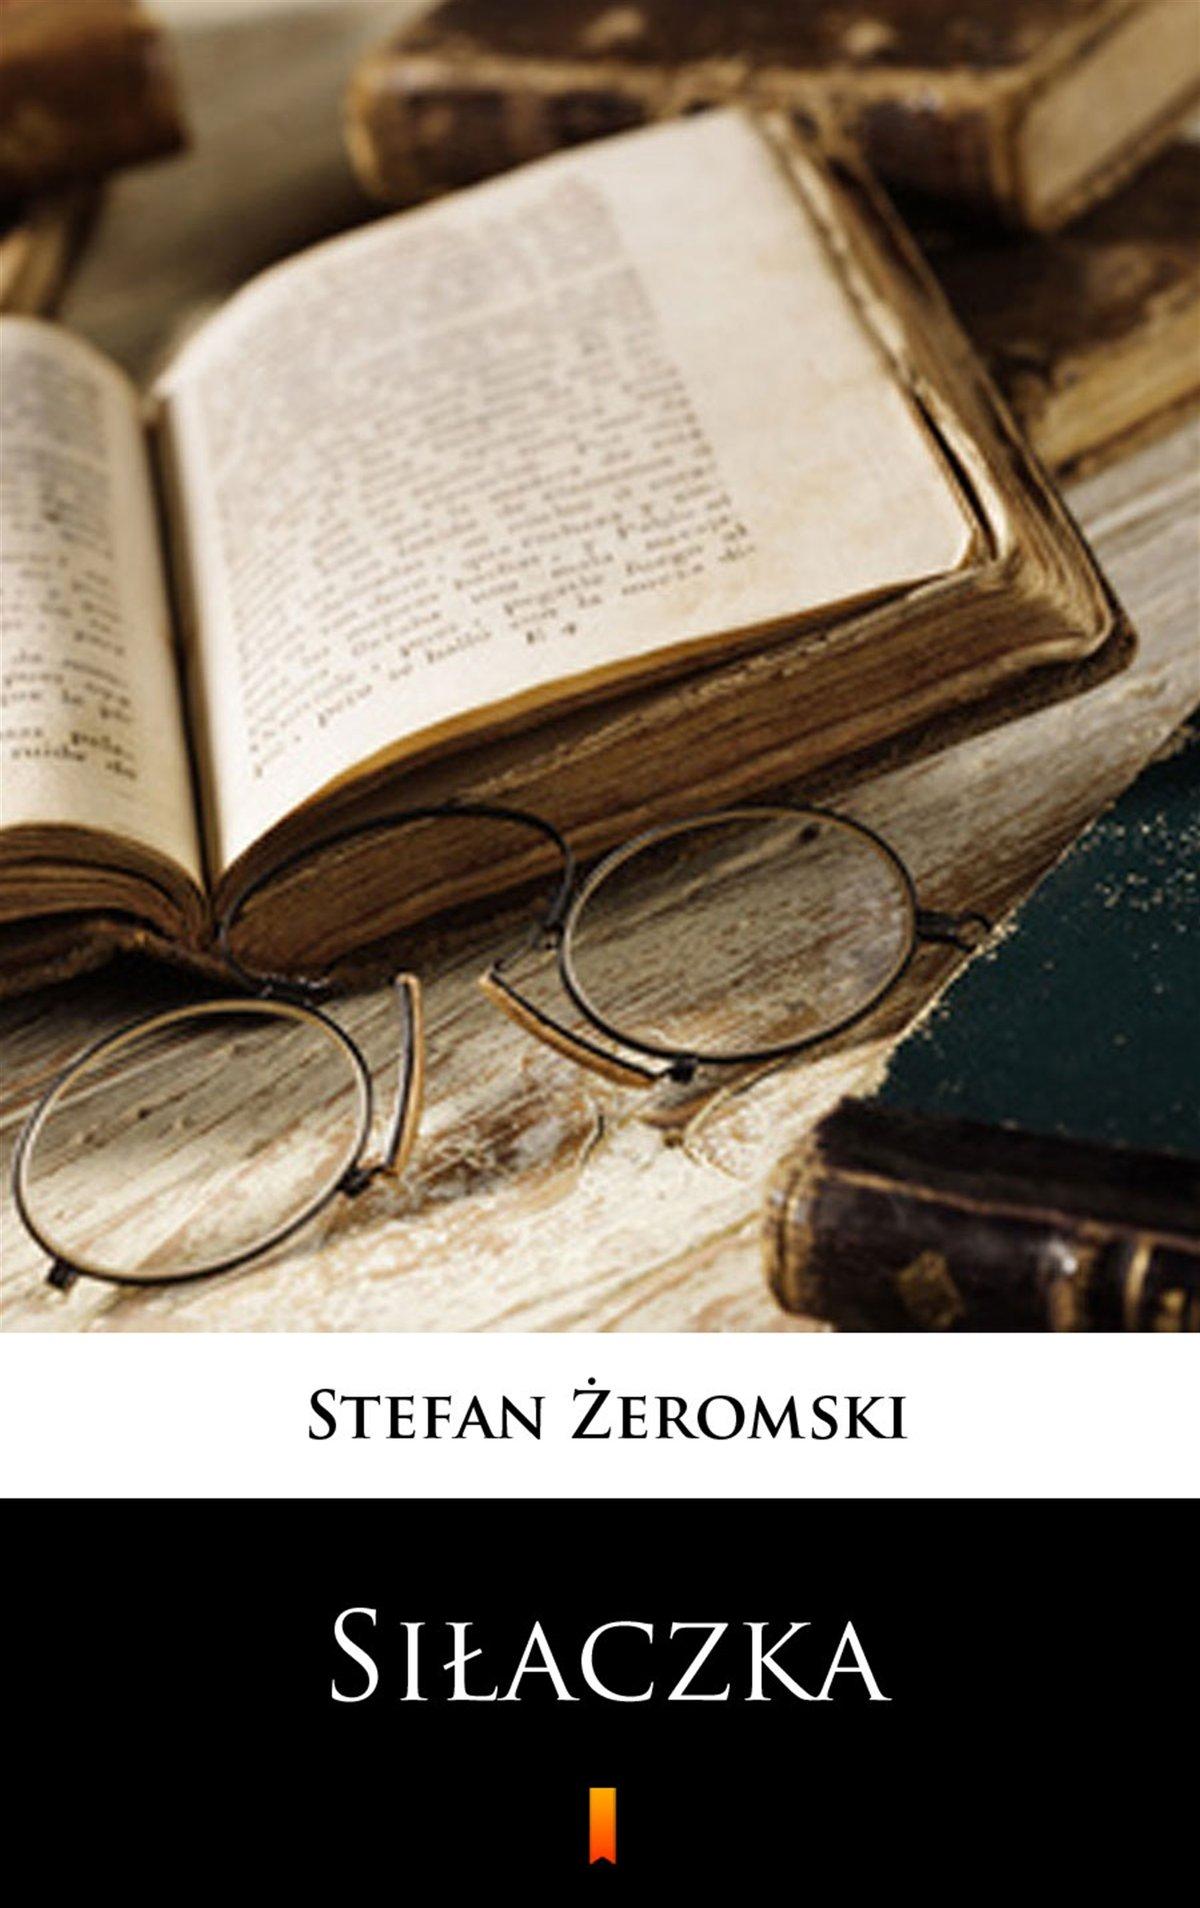 Siłaczka - Ebook (Książka na Kindle) do pobrania w formacie MOBI